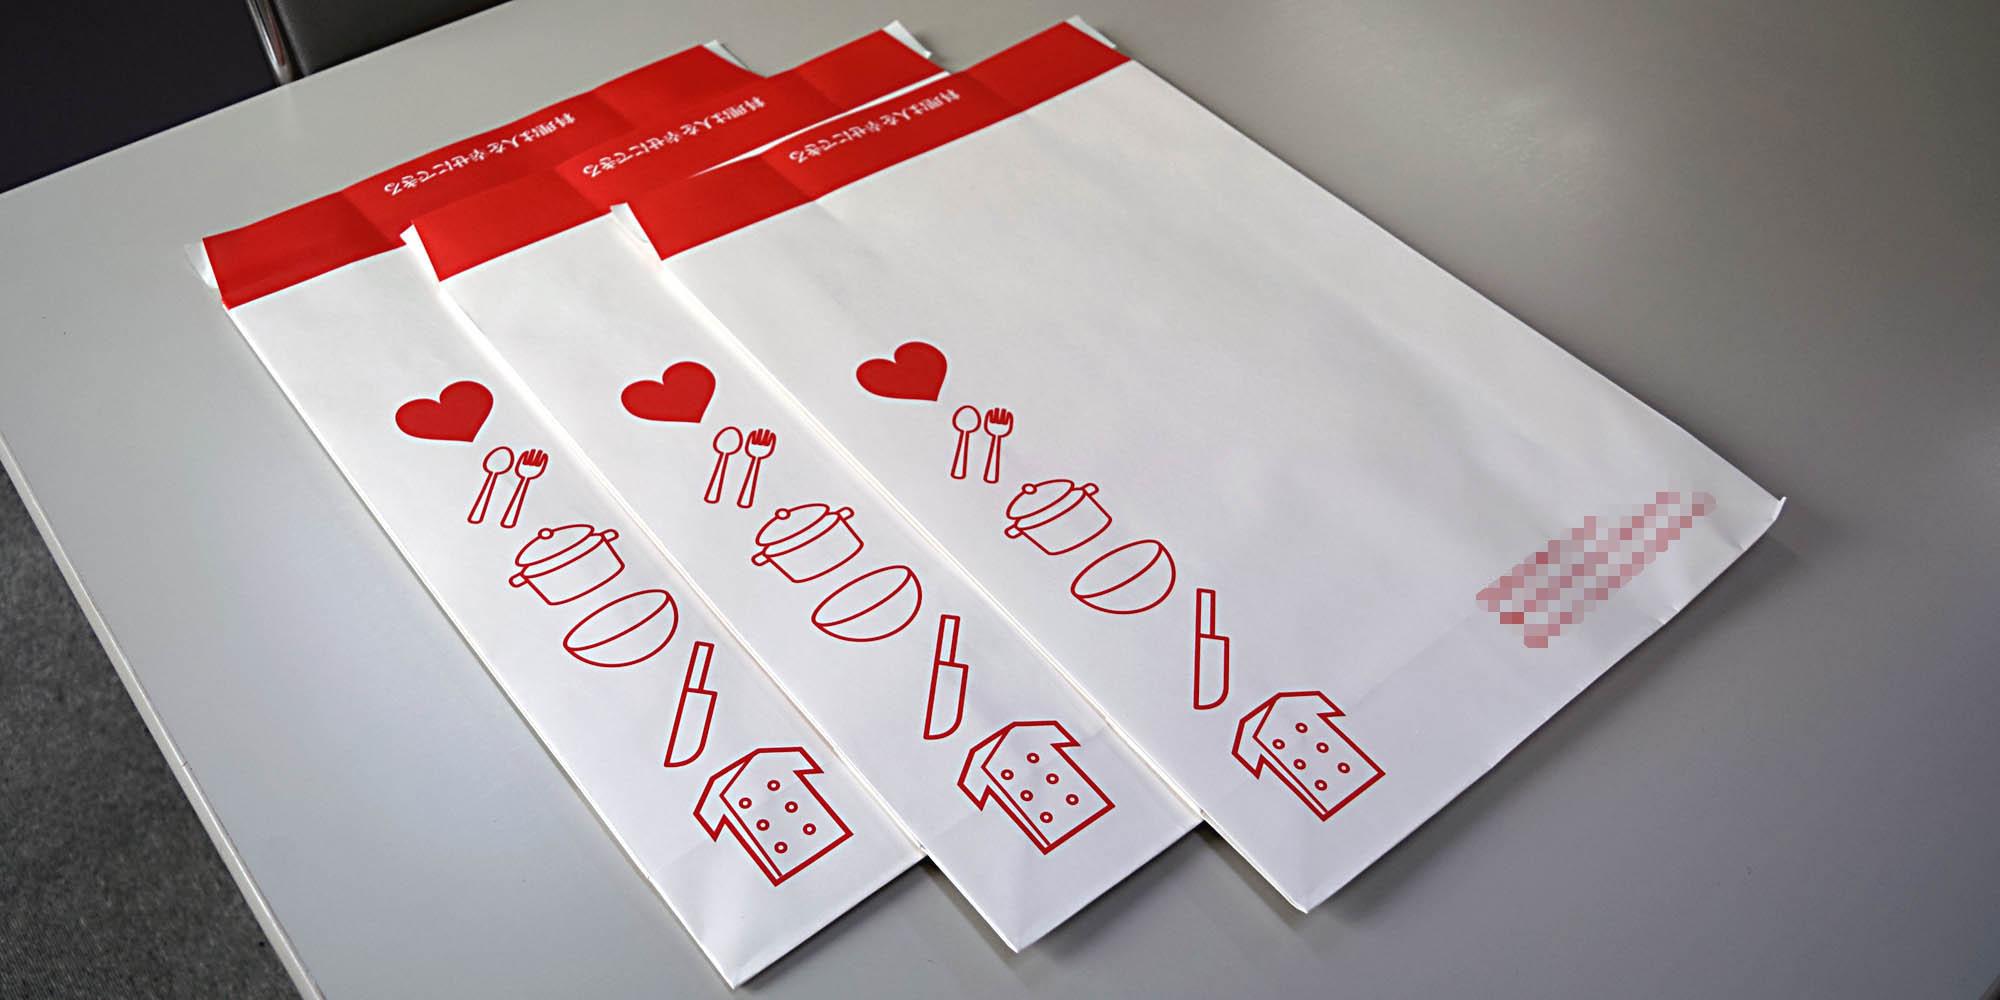 マットPP加工を施した、高級感のあるオリジナル宅配袋(制服製造メーカー様向け)